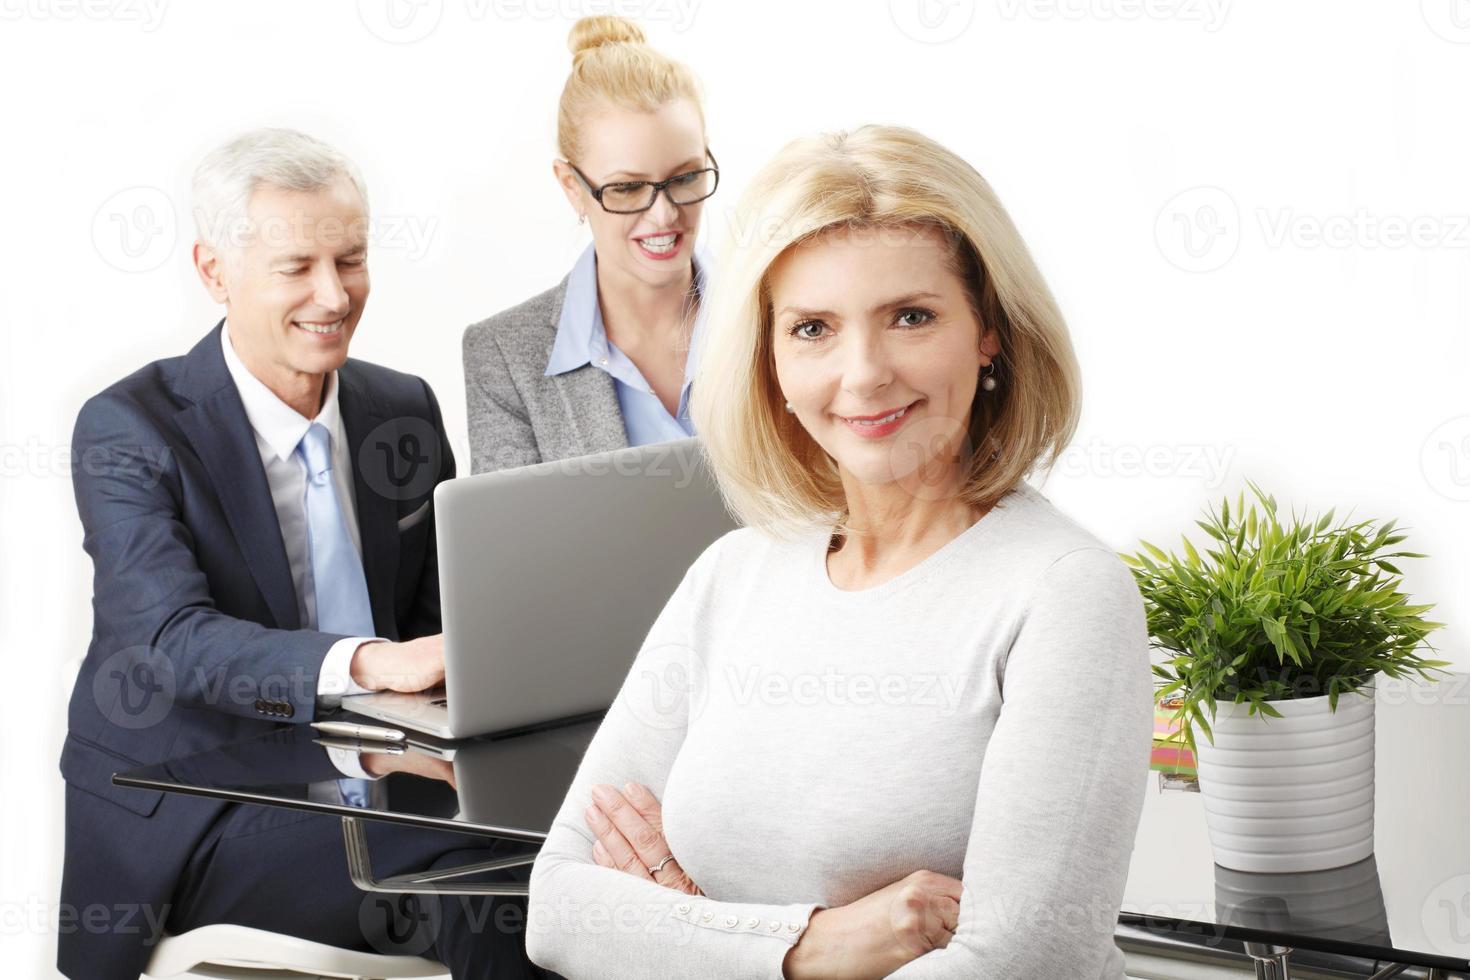 portrait de gens d'affaires photo